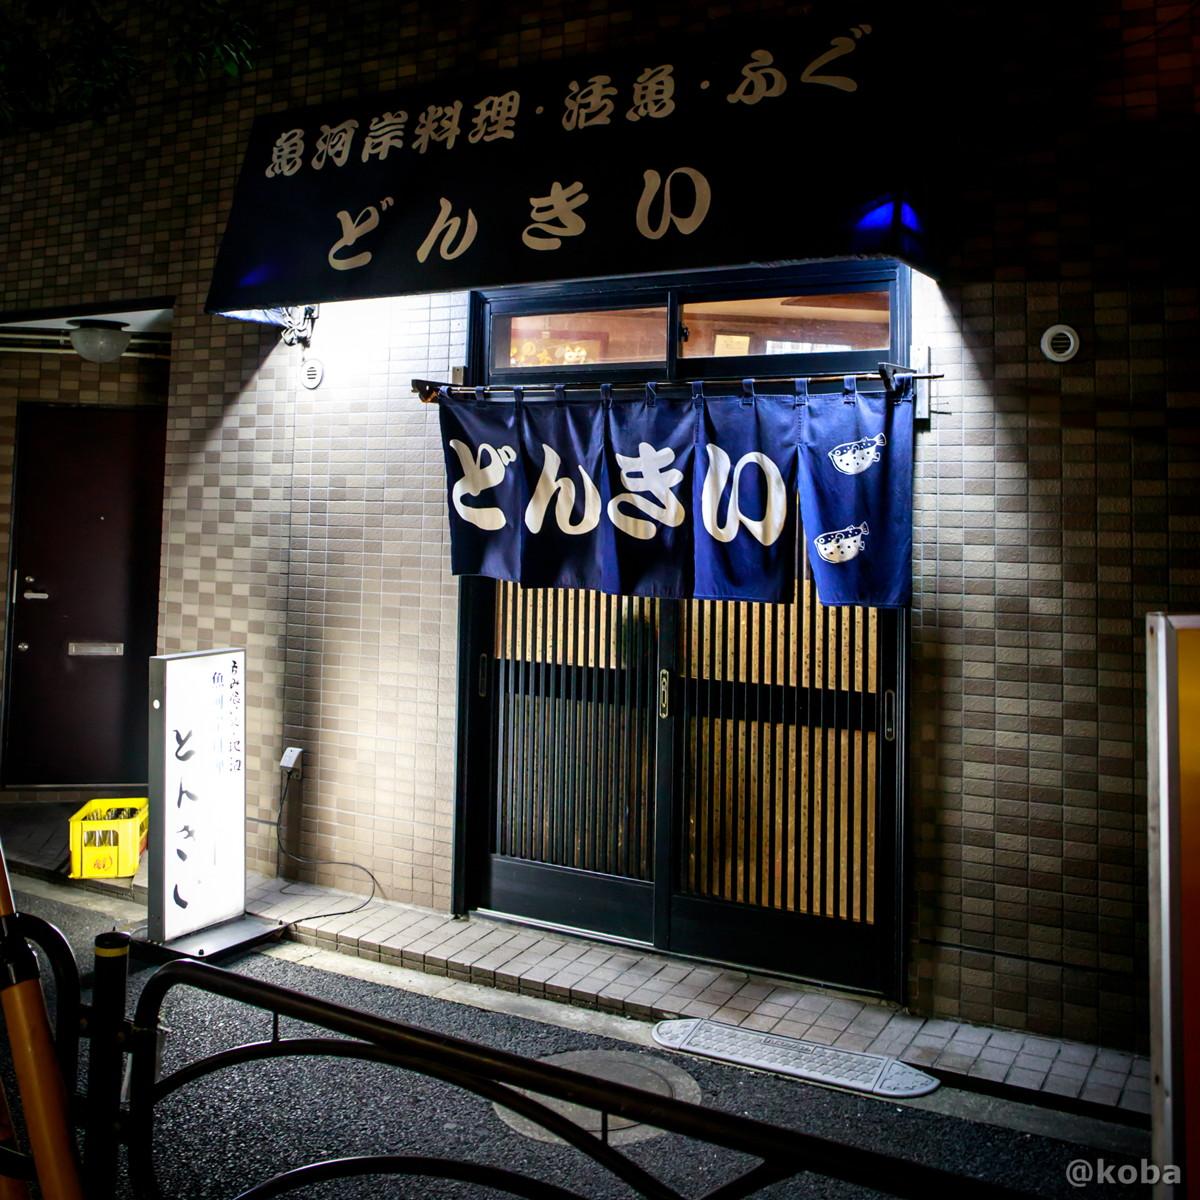 外観の写真│どんきい│和食(魚河岸料理・活魚・ふぐ)居酒屋│葛飾区・新小岩駅